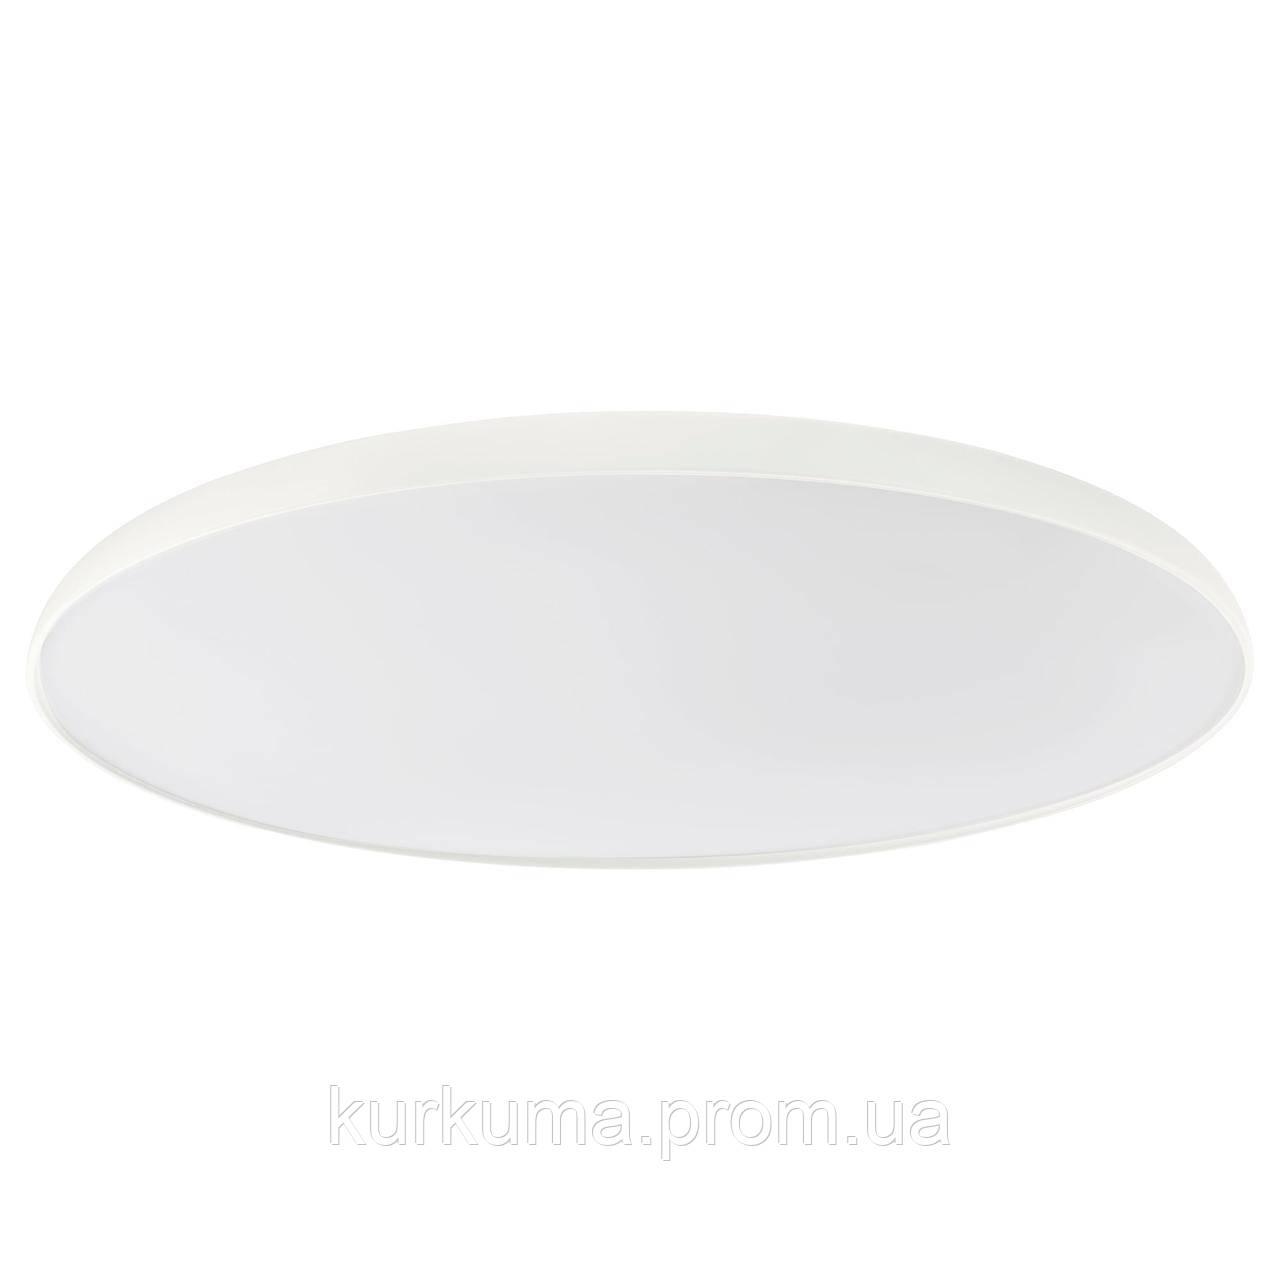 IKEA NYMANE Светодиодный подвесной светильник, белый  (603.362.74)